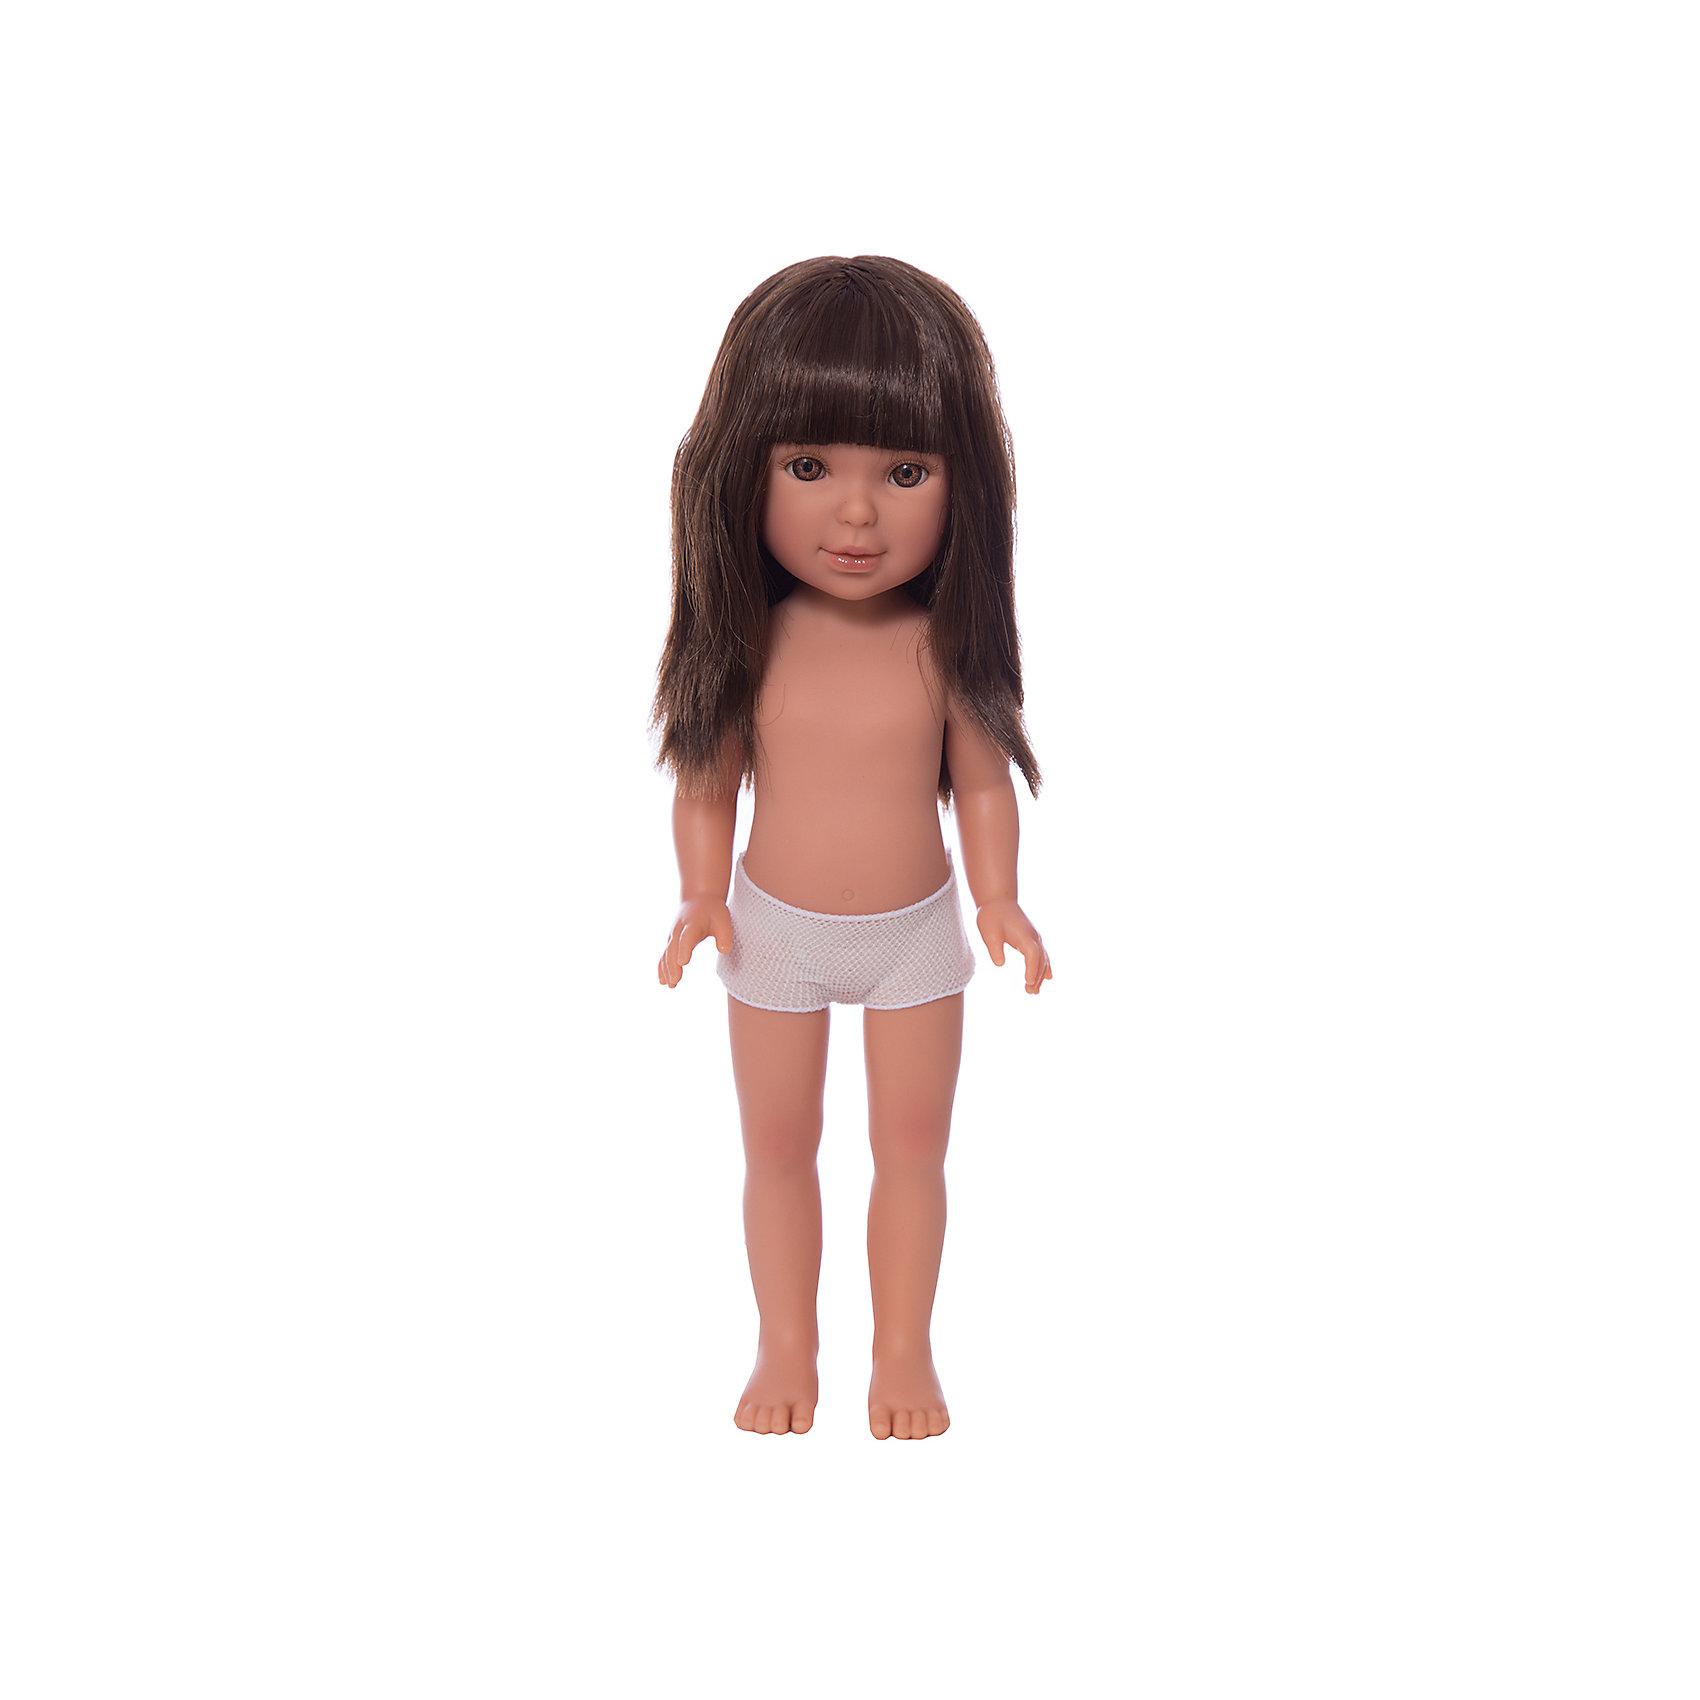 Кукла Паулина, брюнетка с челкой, Vestida de AzulКлассические куклы<br>1. Создай индивидуальный образ для базовой куклы-красотки Паулины.<br>2. Длинные темные волосы куклы густо прошиты и напоминают натуральные. Челка прошита отдельно, а значит всегда будет красиво уложенной. <br>3. От милого личика Паулины невозможно оторвать глаз: пухлые щечки с румянцем и прекрасные карие глазки с проклеенными вручную ресницами, похожими на настоящие. <br>4. Глаза выделены тоненькой линией подводки, что делает взгляд куклы «живым».<br>5. Великолепная детализация: очень четко очерченные пальчики, складочки, румянец на щечках, коленках и локтях.<br>6. У куклы подвижные руки, ноги и голова, а значит кукле можно придавать различные позы, что сделает игру более реалистичным.<br>7. Кукла изготовлена из плотного гипоаллергенного винила без ароматизаторов и умеет стоять без поддержки в обуви и без нее.<br>8. Рост куклы 33 см.<br><br>Ширина мм: 350<br>Глубина мм: 120<br>Высота мм: 80<br>Вес г: 700<br>Возраст от месяцев: 36<br>Возраст до месяцев: 2147483647<br>Пол: Женский<br>Возраст: Детский<br>SKU: 6844311